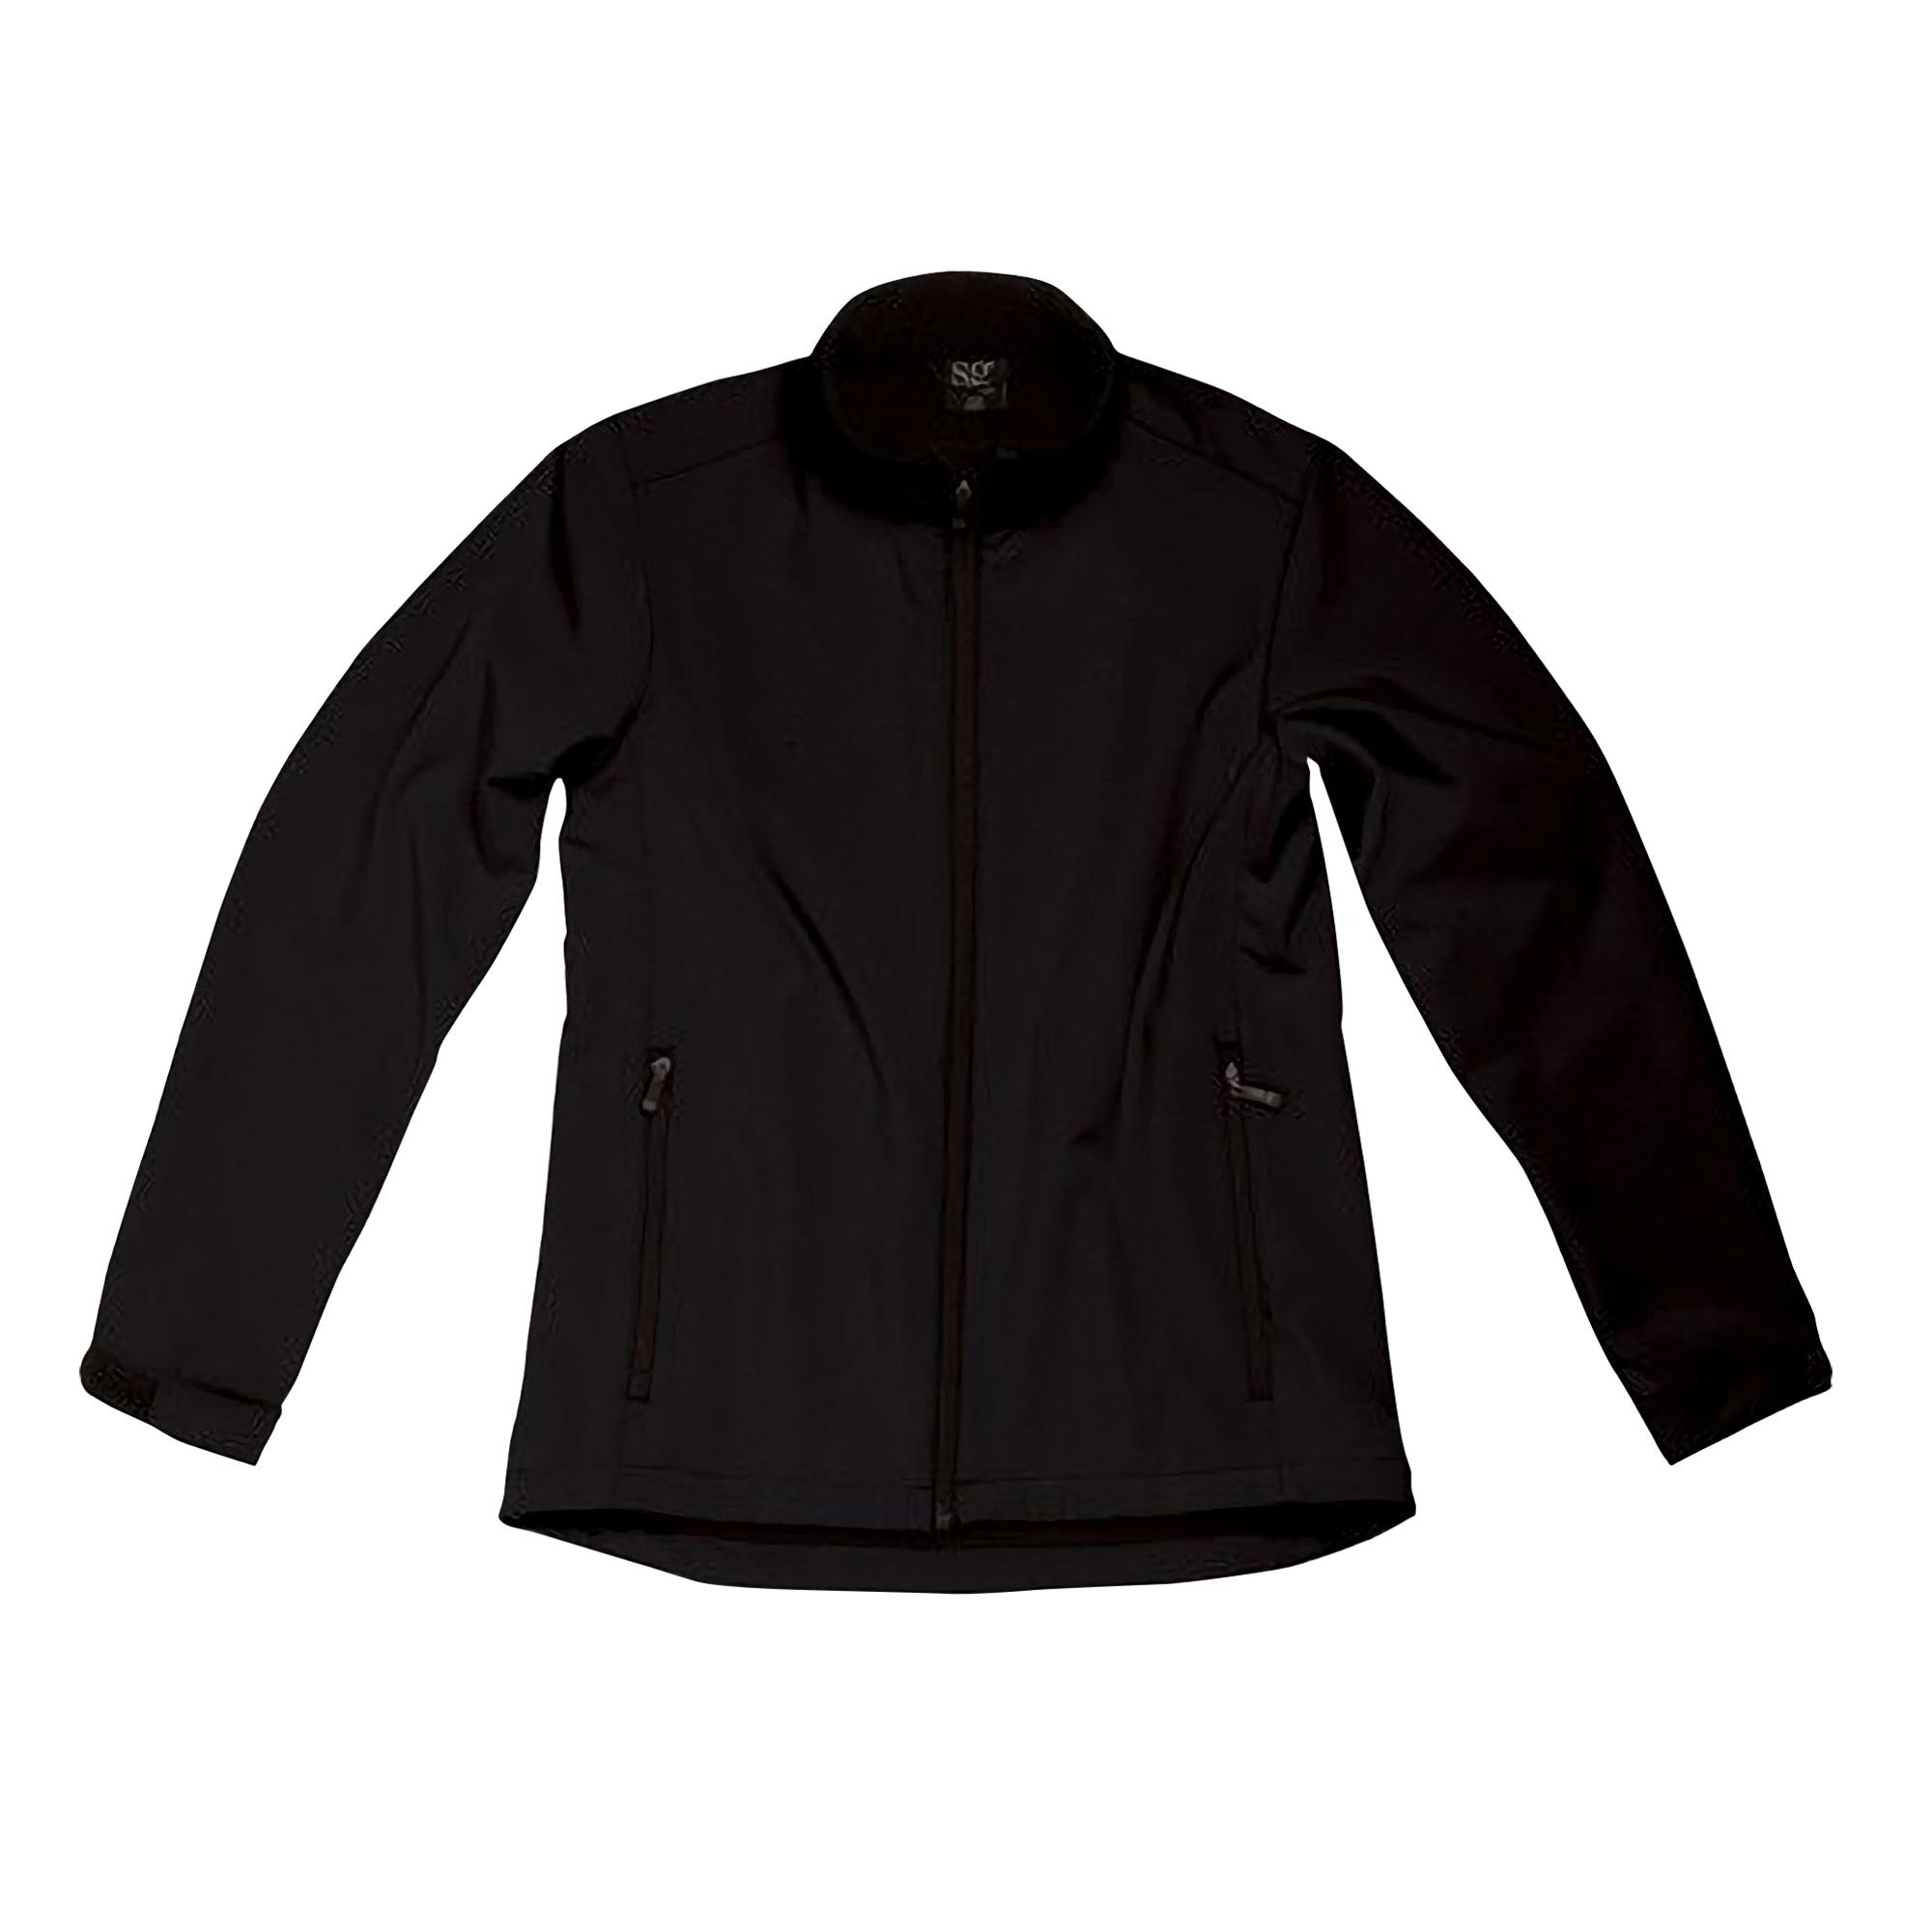 Sg veste imperm able coupe vent homme bc1078 ebay - Coupe vent impermeable homme ...